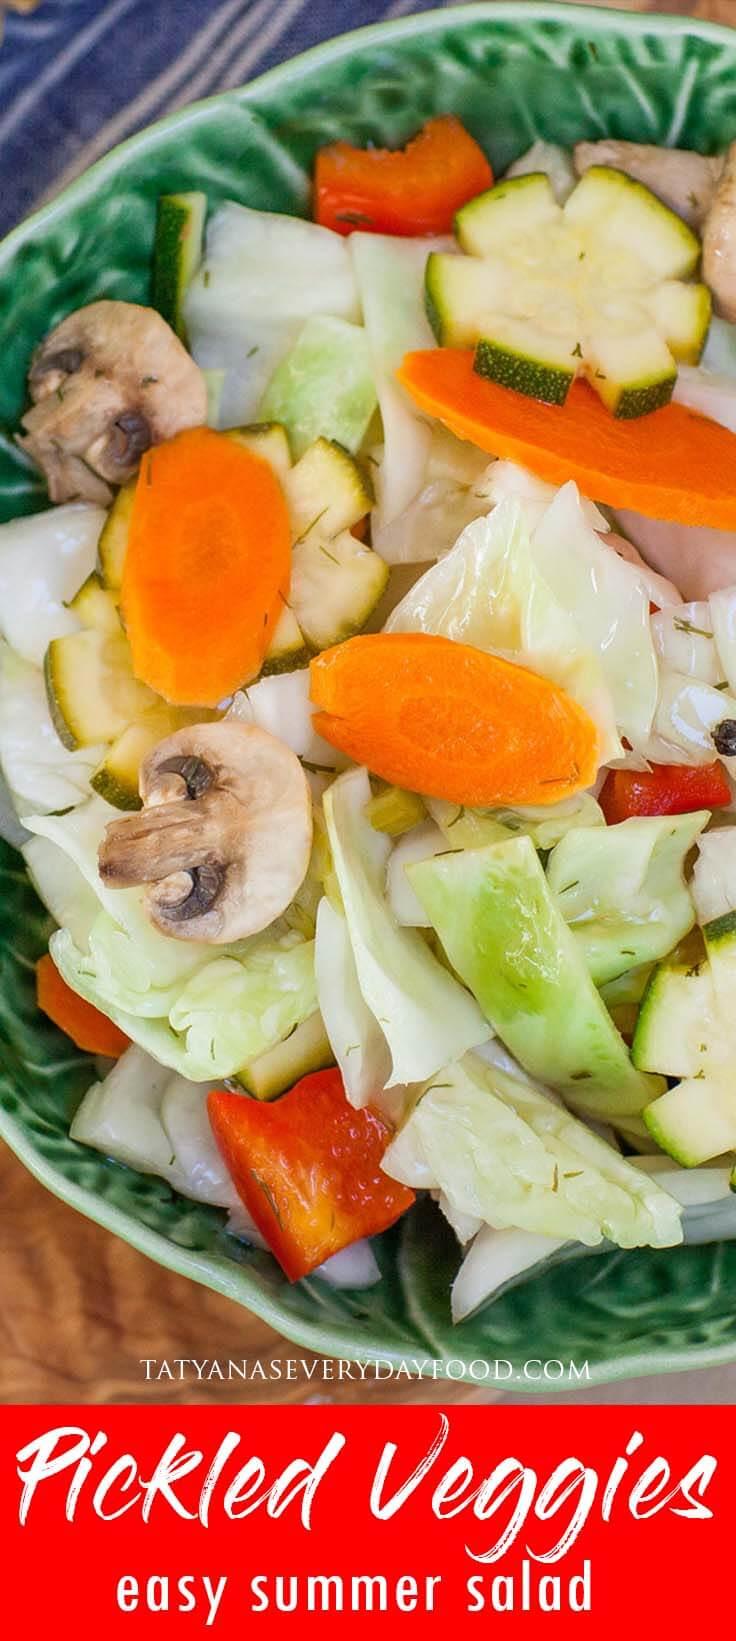 Pickled Veggies & Cabbage Salad Recipe